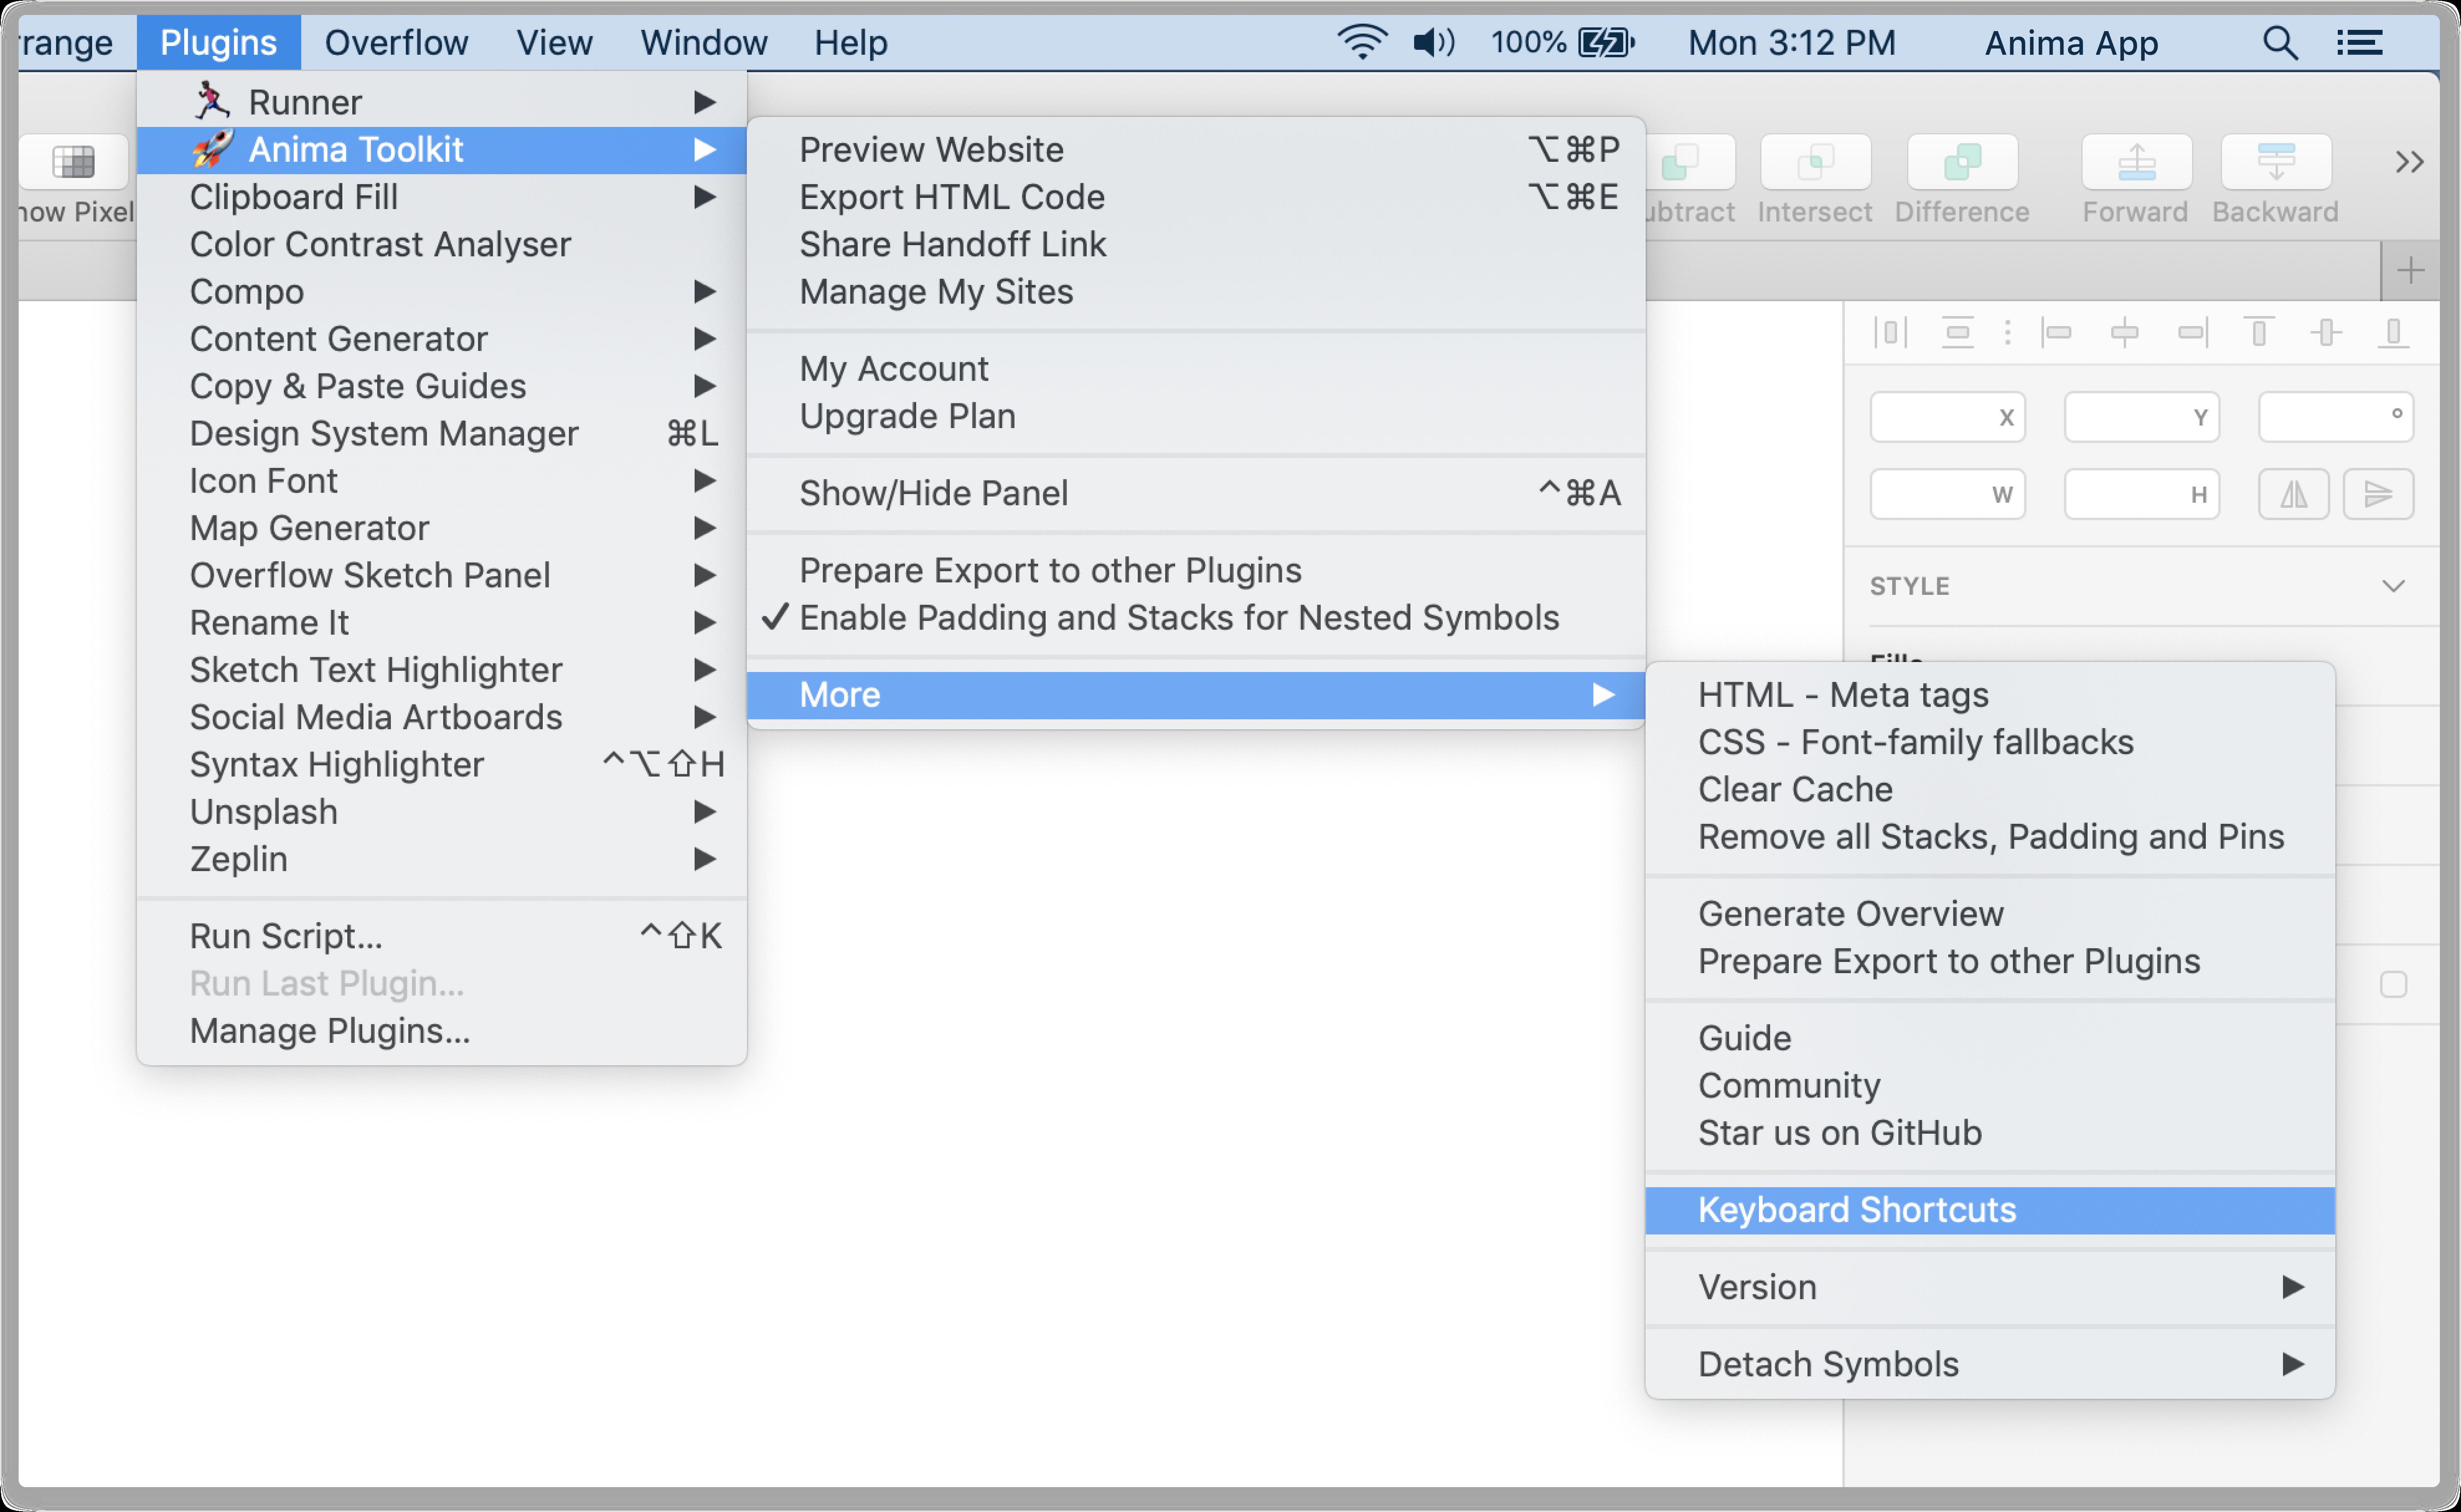 Layout Keyboard Shortcuts